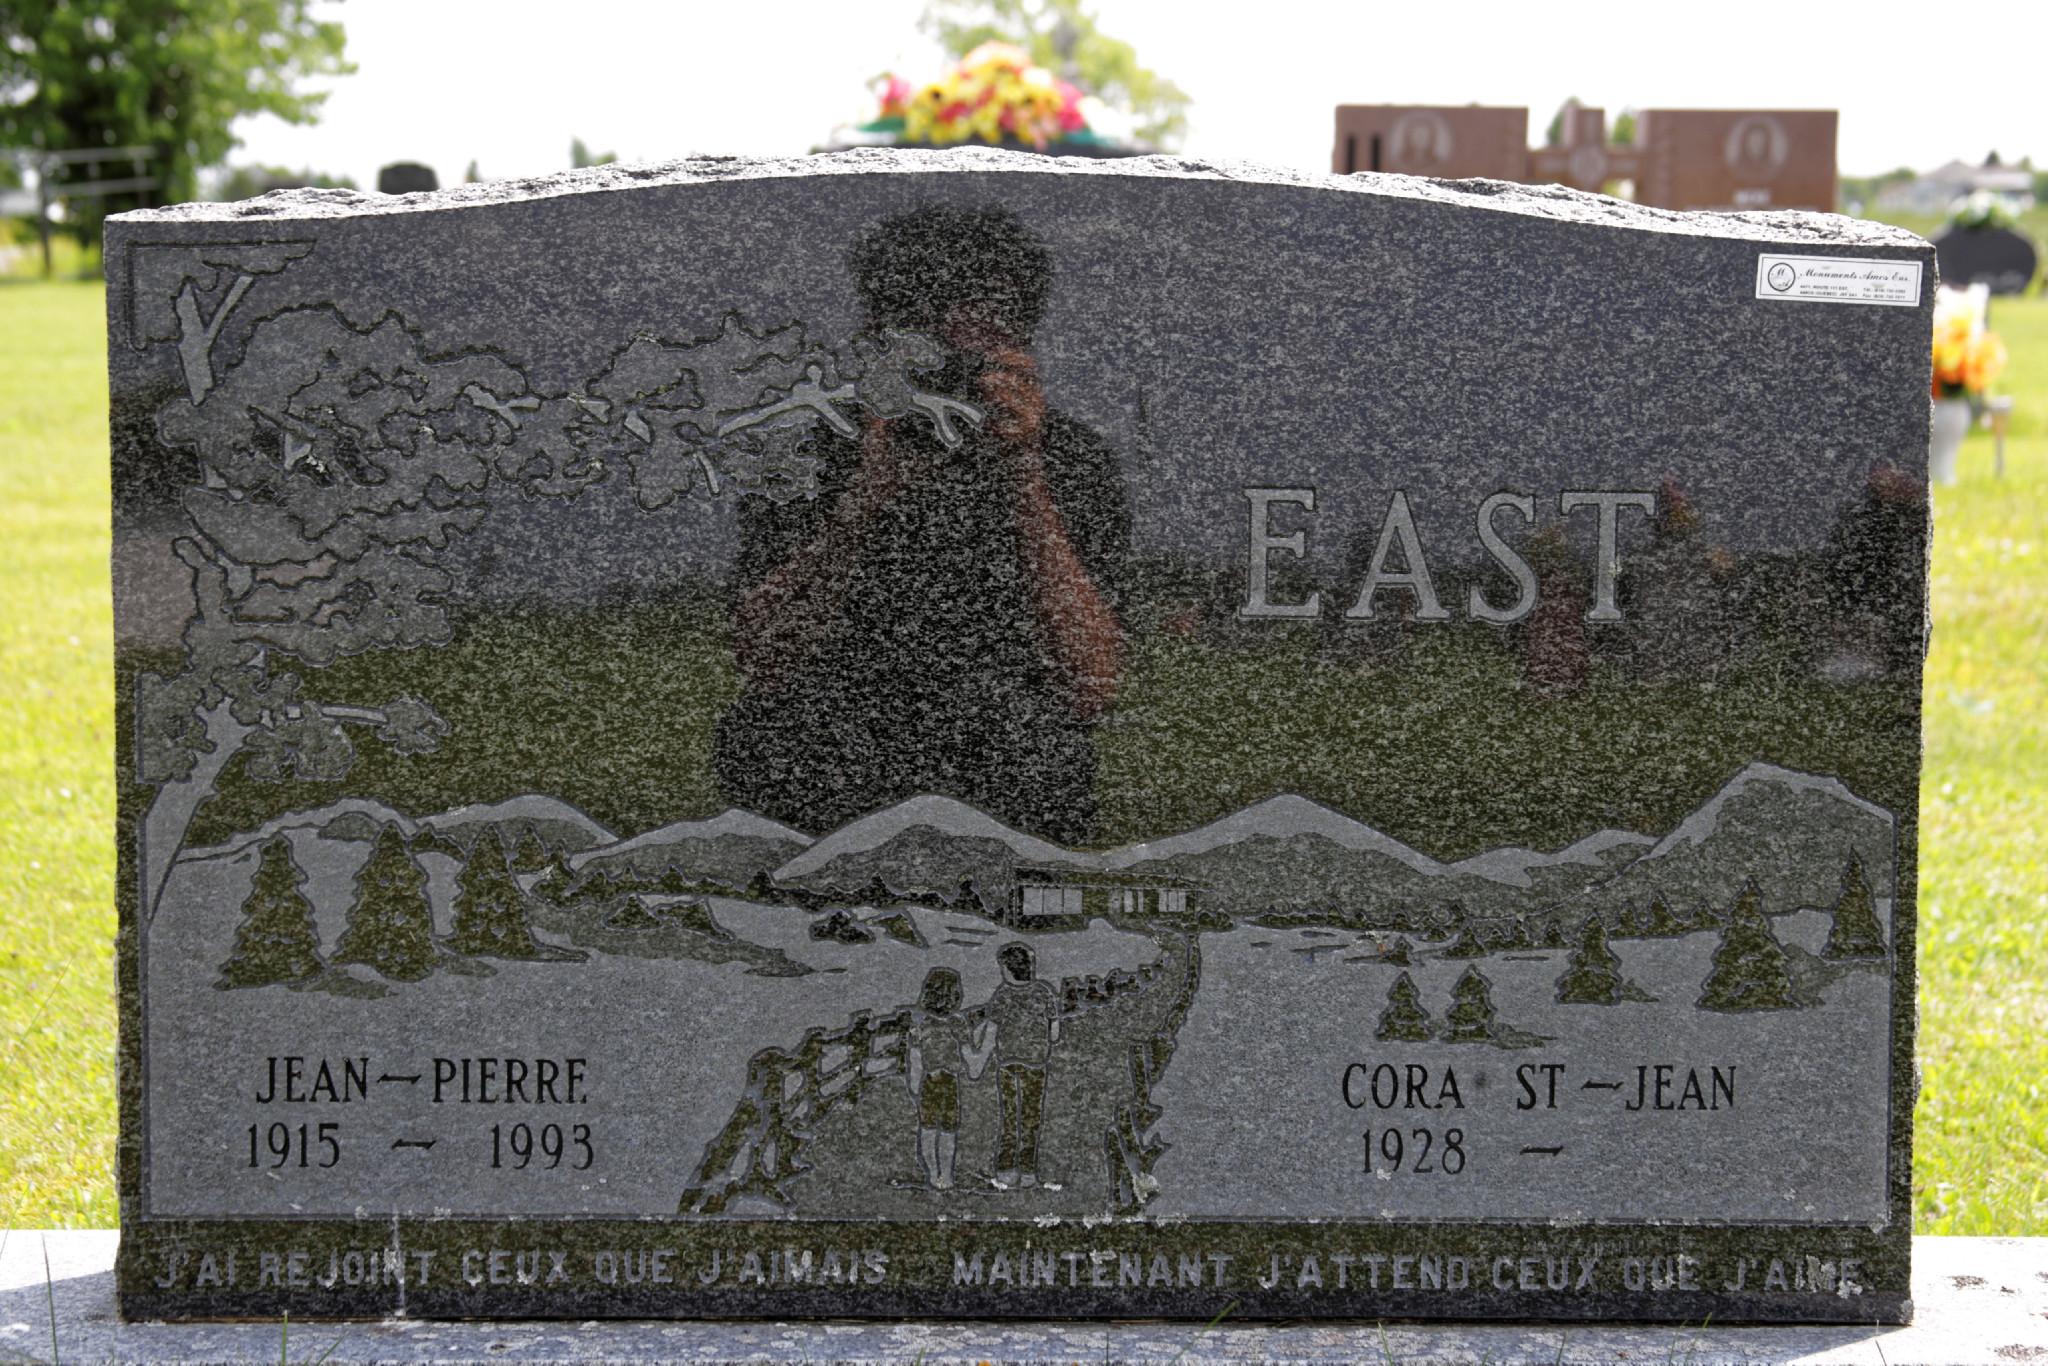 Jean-Pierre East